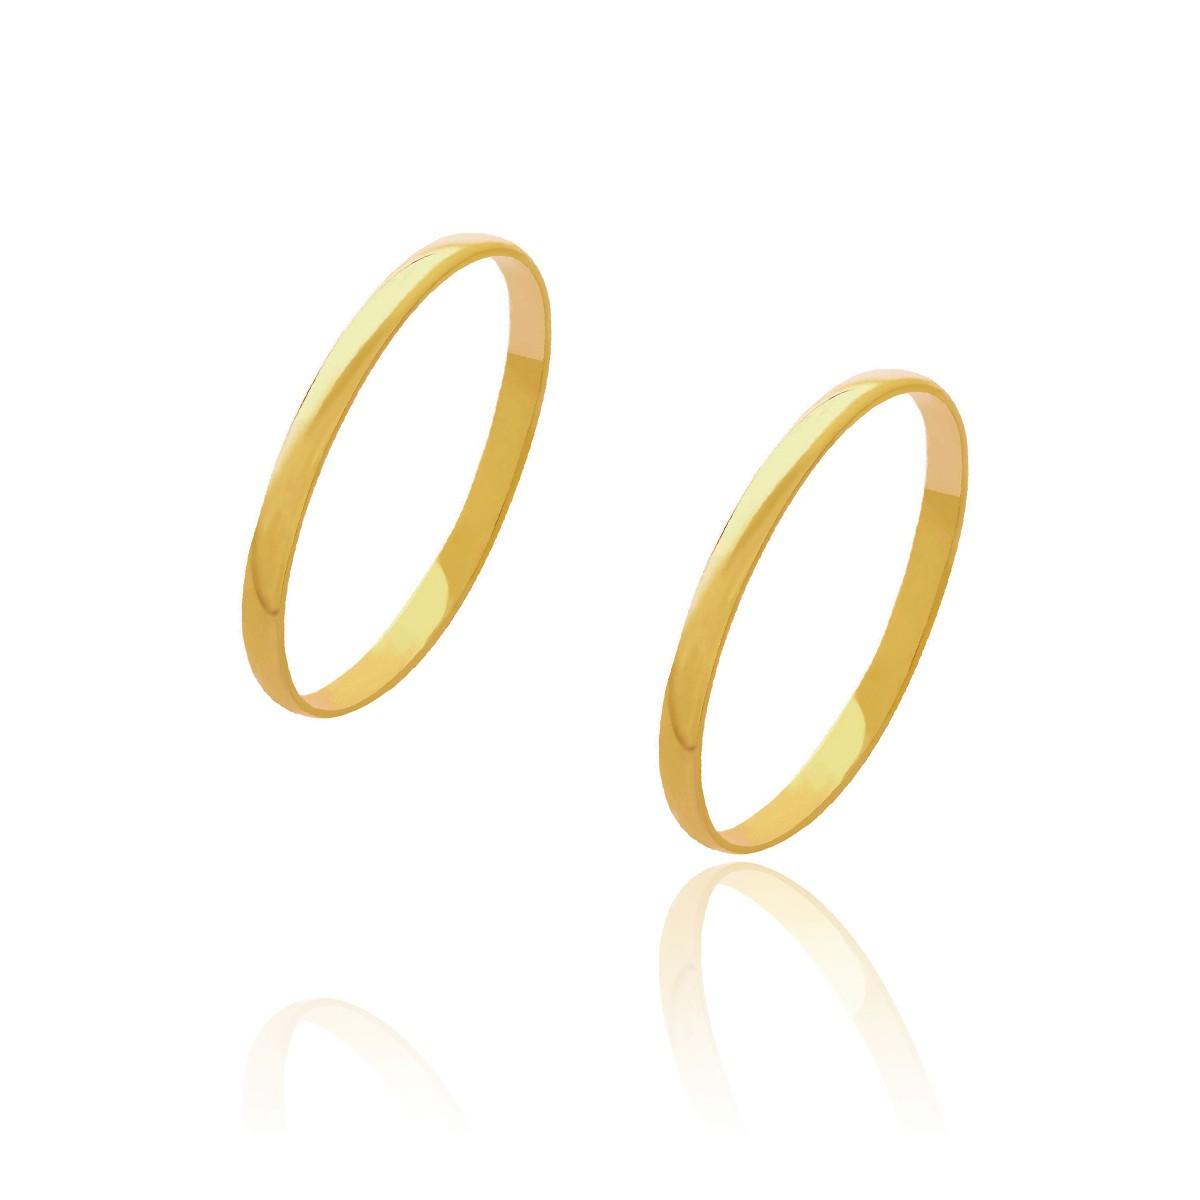 Par de Alianças de Casamento Diana Ouro Abaulada Lisa 2,5mm 3.5g